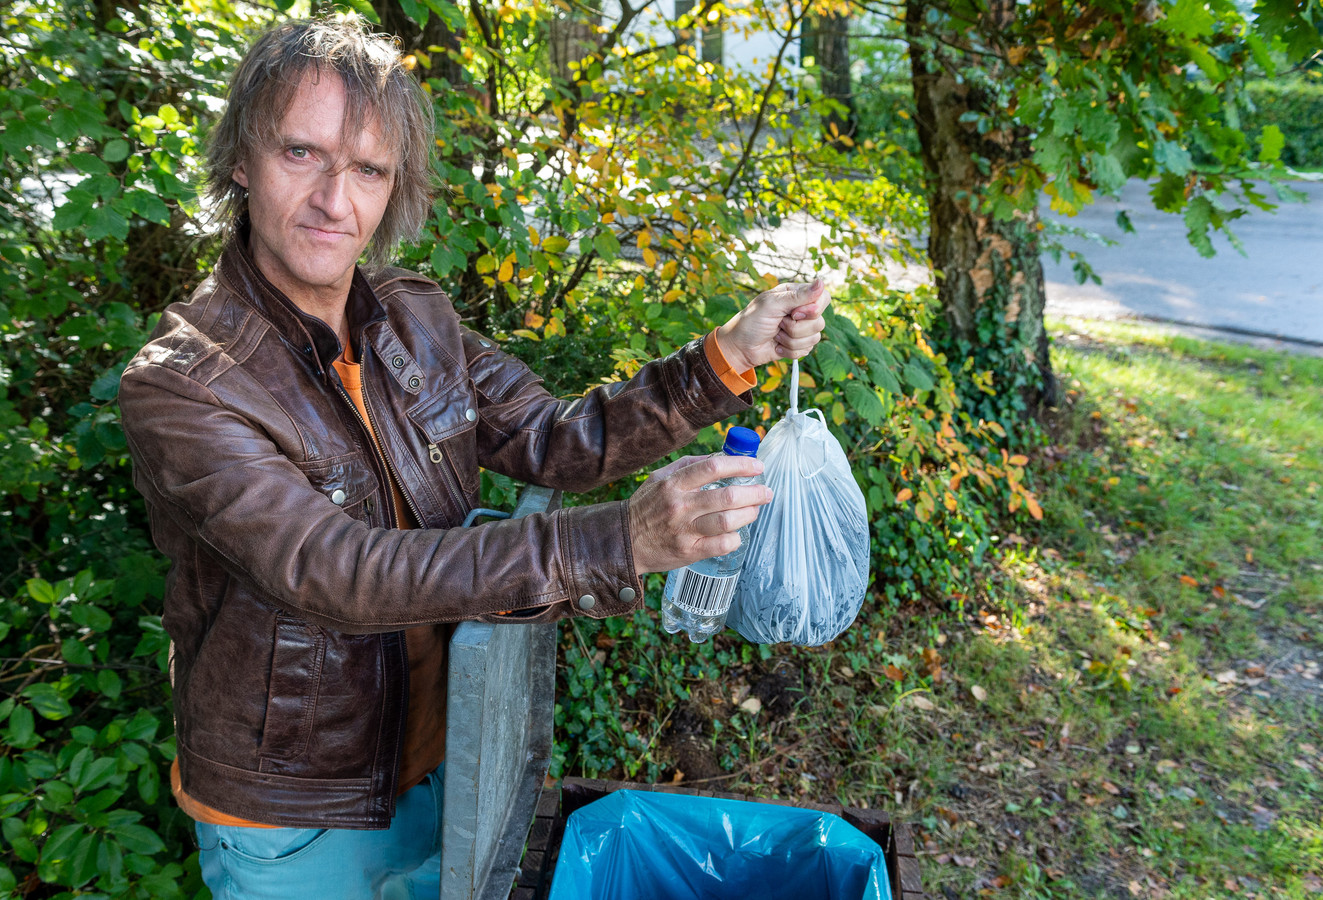 Richard van Vliet kreeg een boete voor het dumpen van afval in een openbare vuilnisbak. Het type afval hoorde daar niet in thuis, zo kreeg hij te horen van de agent die hem bekeurde. Omdat hij weigert te betalen, moet hij mogelijk de cel in.